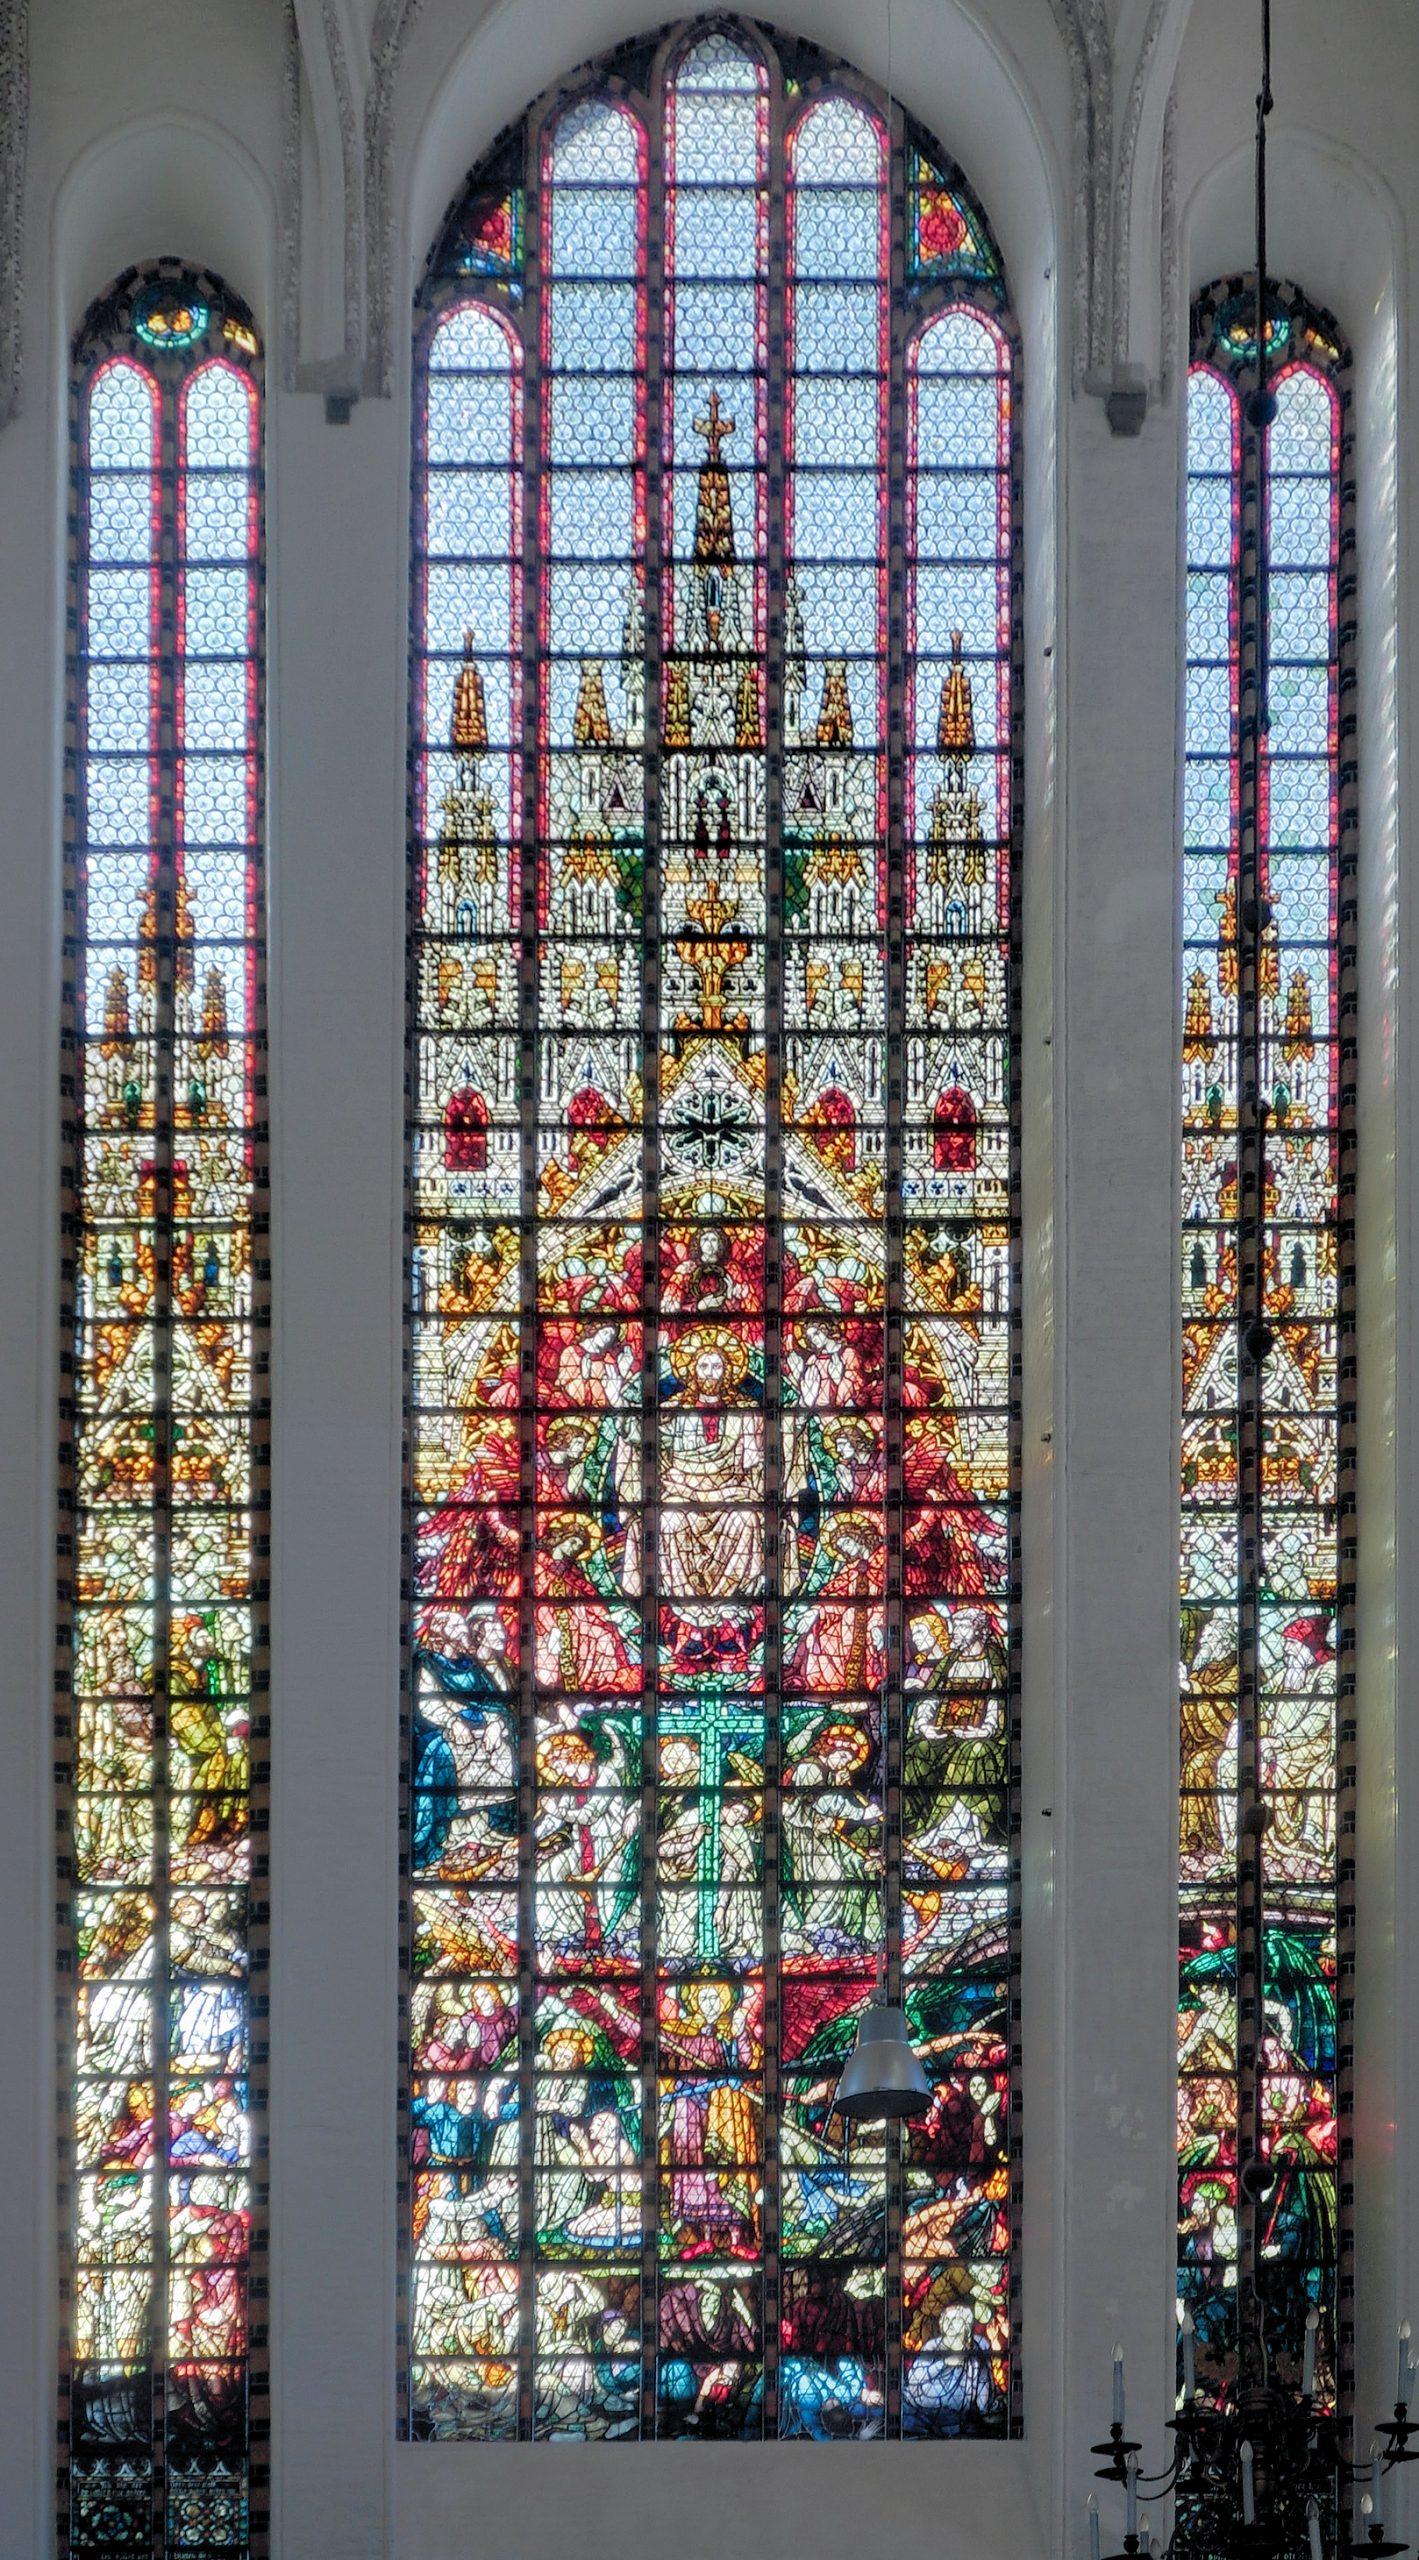 Full Size of Fenster Rostock Filerostock Marienkirche 2011 02 12jpg Wikimedia Insektenschutzrollo Felux Rc3 Einbruchschutz Stange Sonnenschutz Für Weru Sichern Gegen Fenster Fenster Rostock